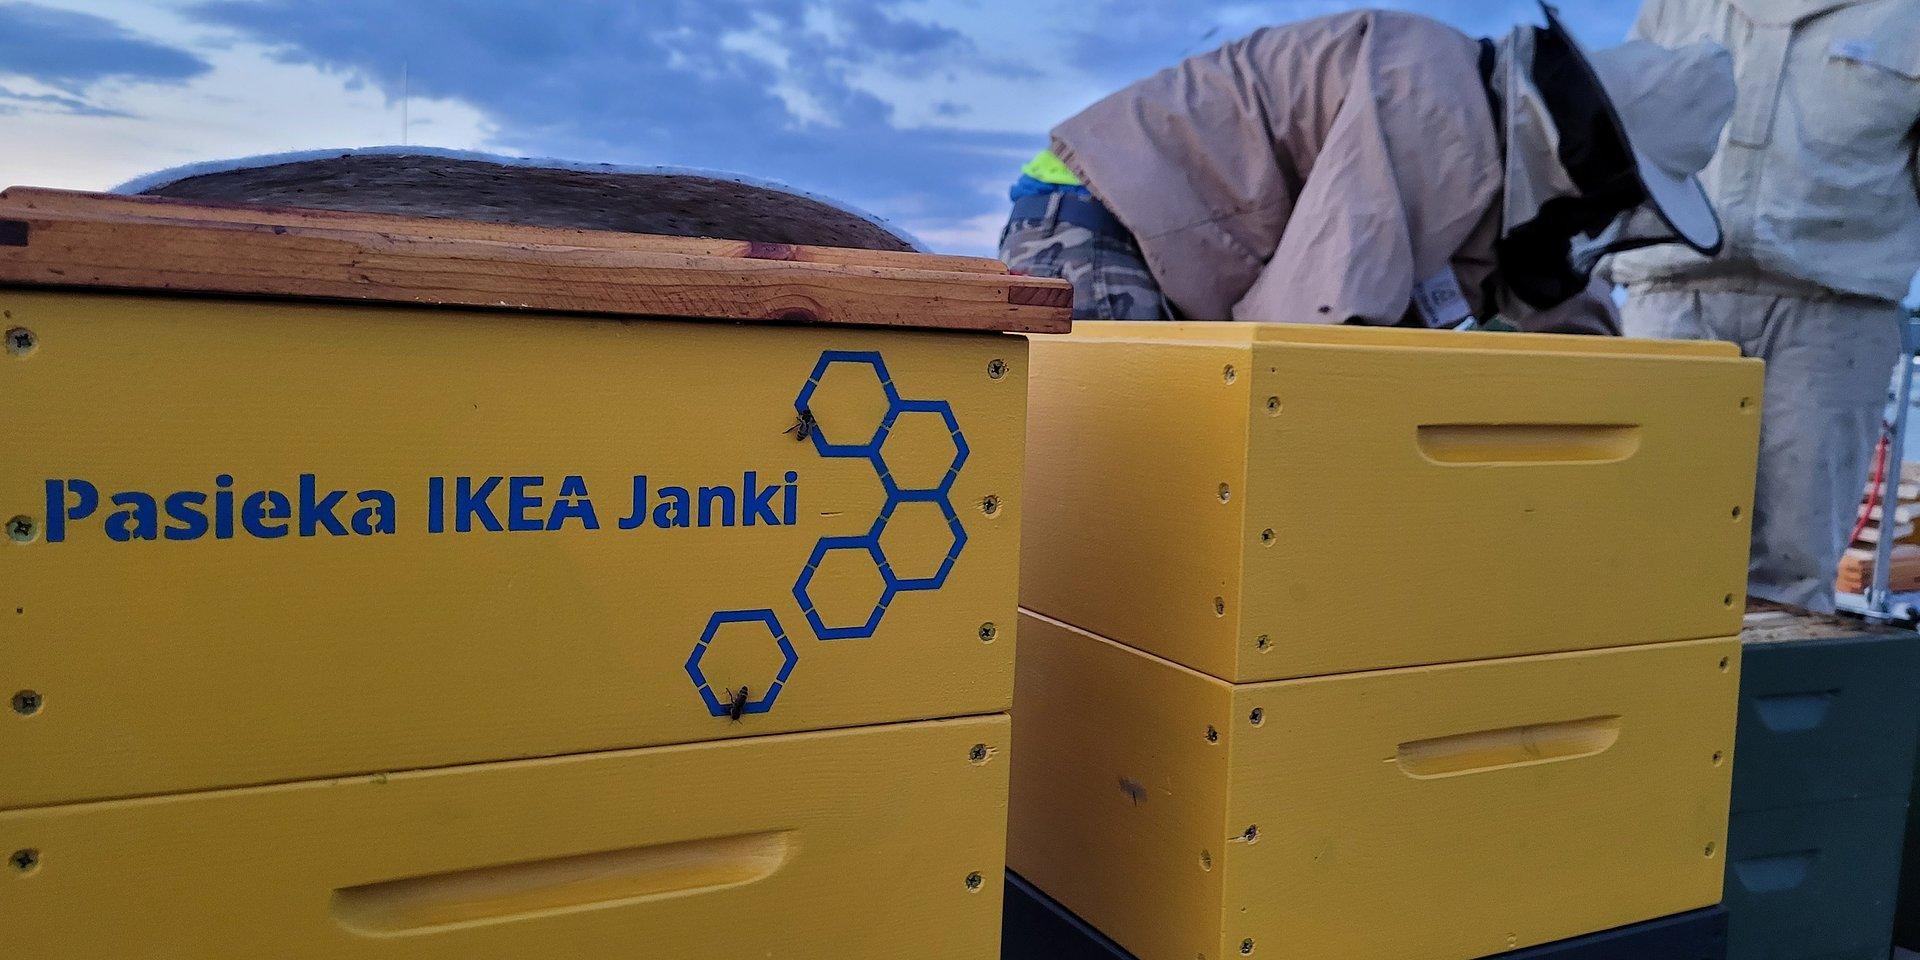 IKEA Janki ma nowych lokatorów – na dachu sklepu zamieszkają pszczoły!